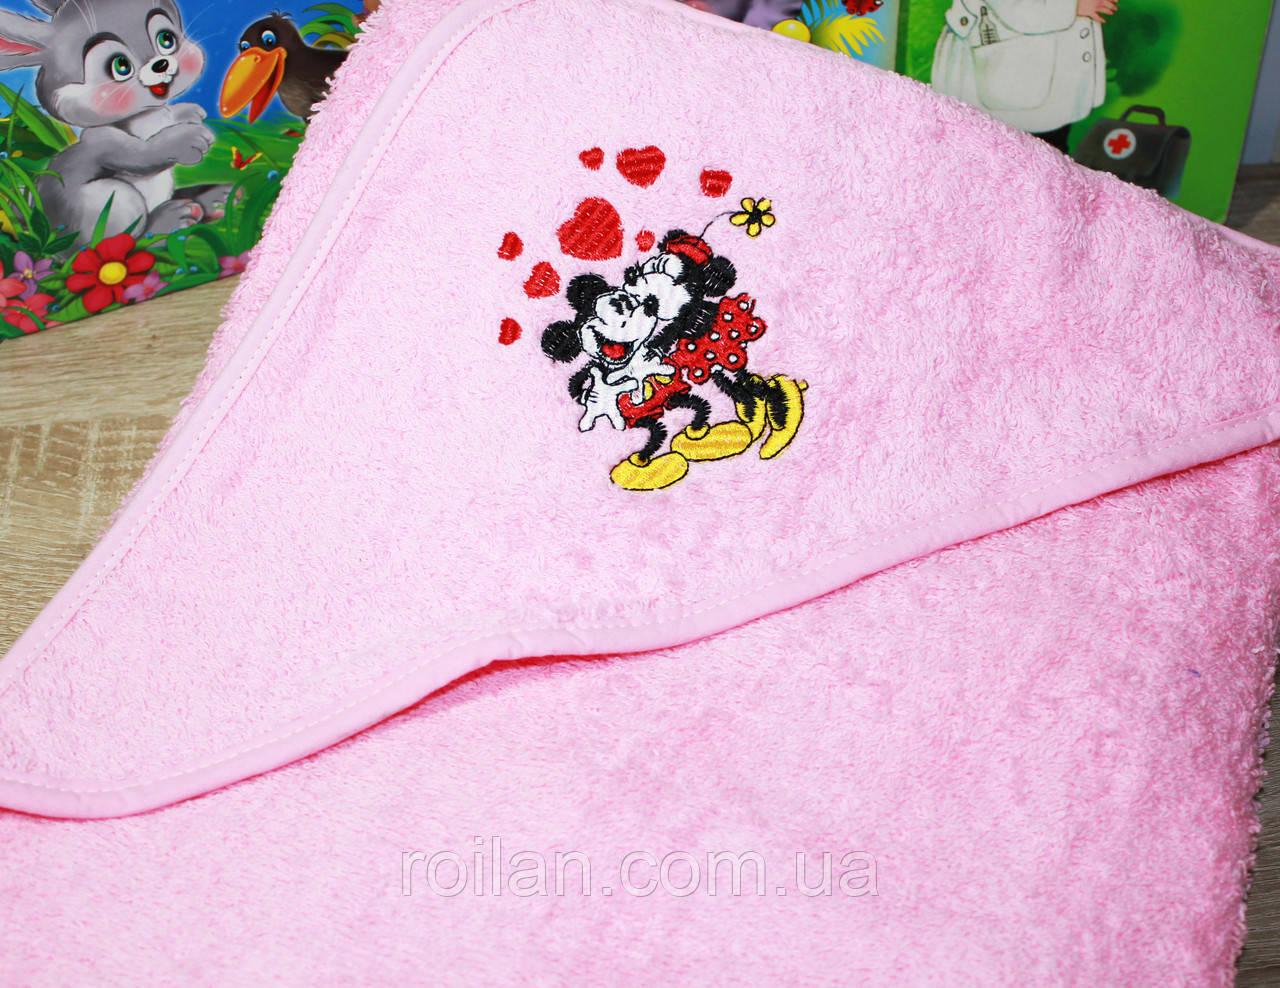 Дитячий капюшон для купання Маус